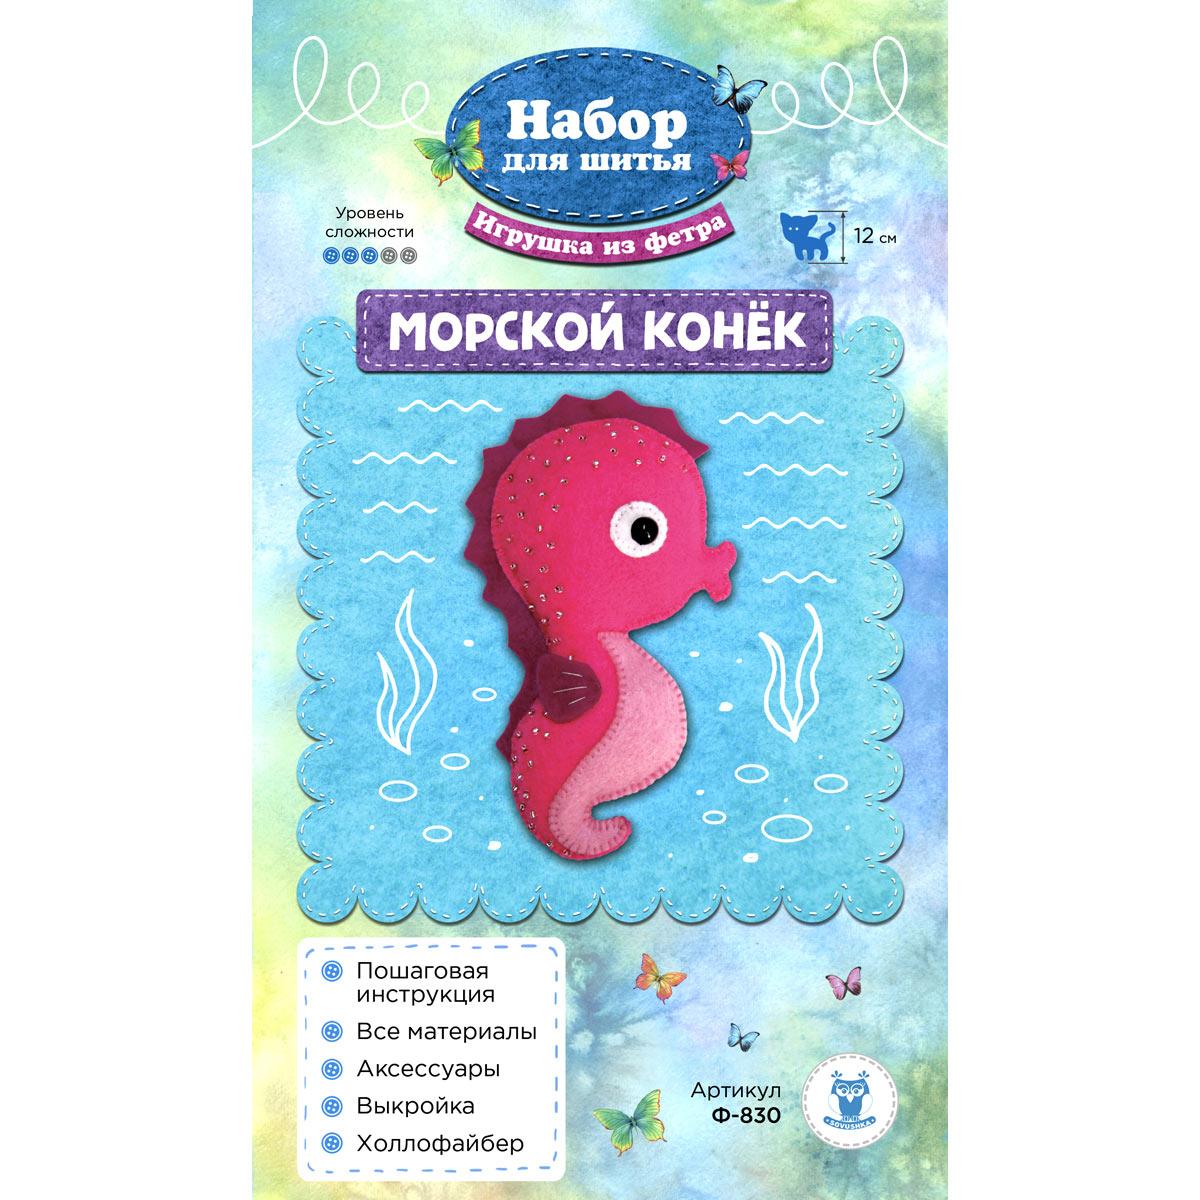 Ф-830 Набор для шитья игрушки из фетра 'Морской конёк' 12см